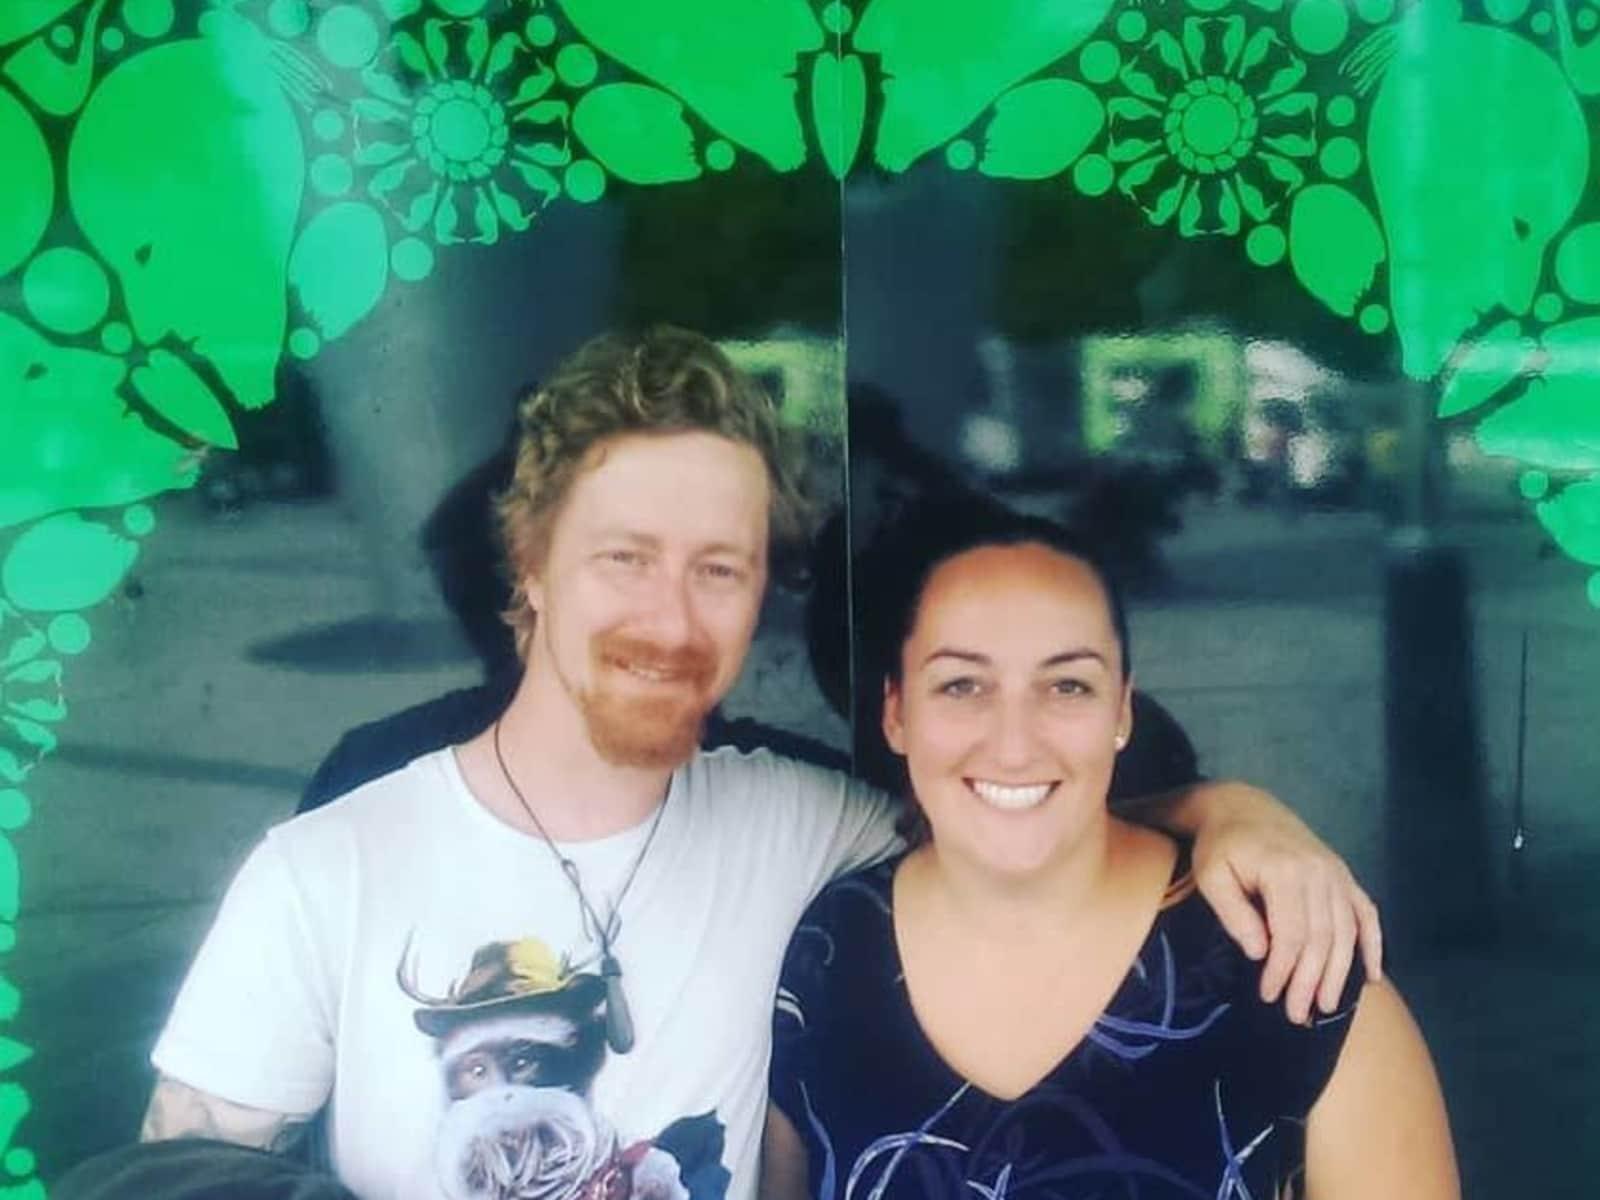 Shisca & Joe from Wellington, New Zealand